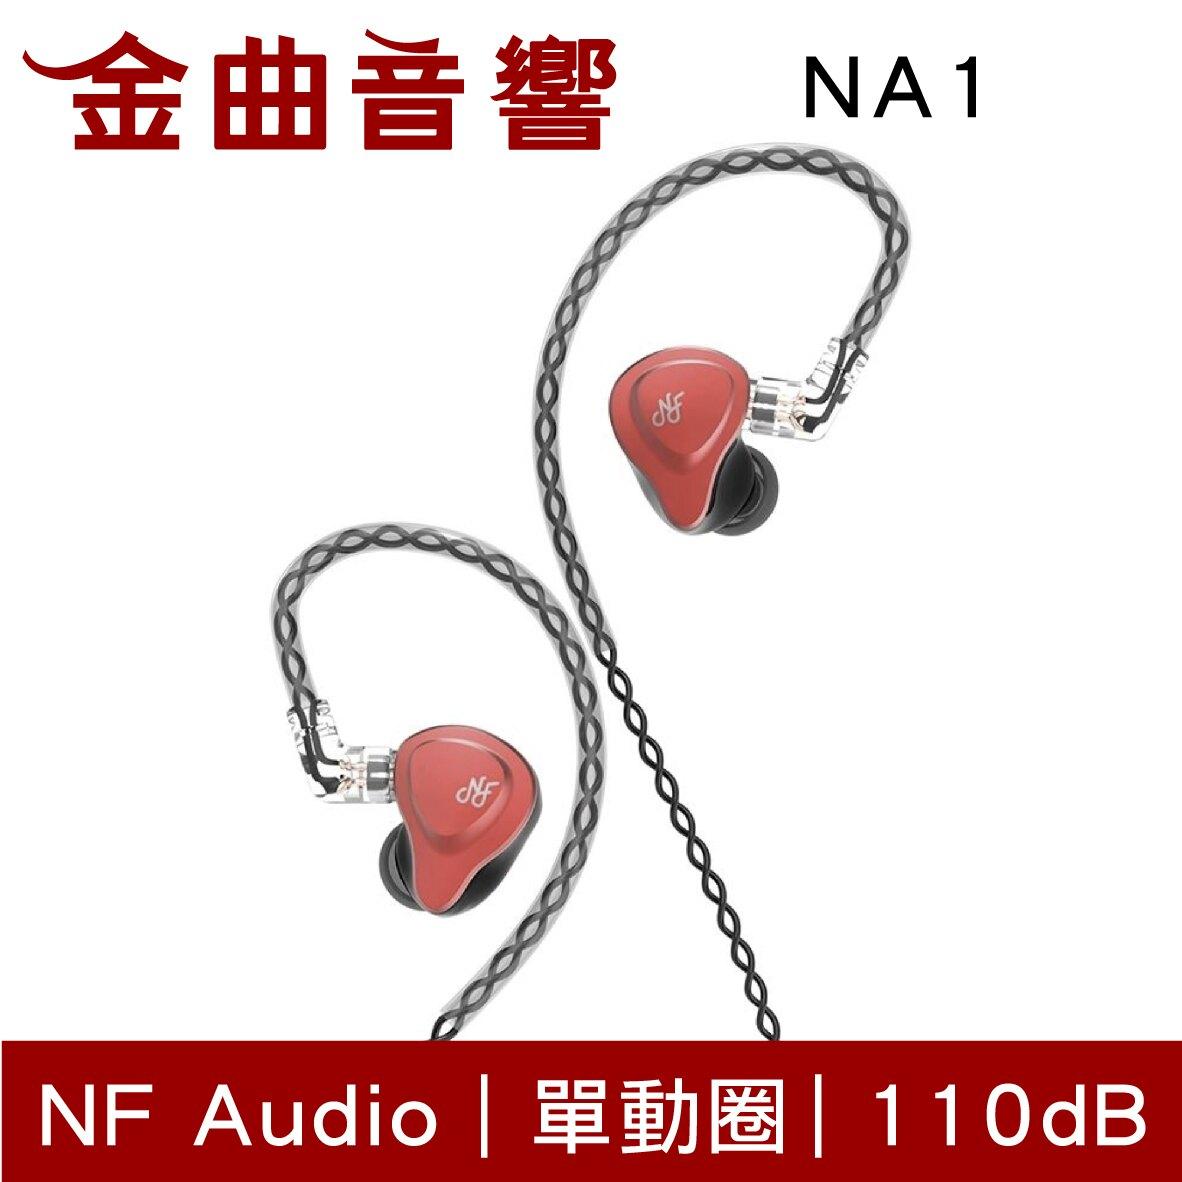 NF Audio 寧梵 NA1 入耳式 單動圈 金屬 有線 耳機 | 金曲音響